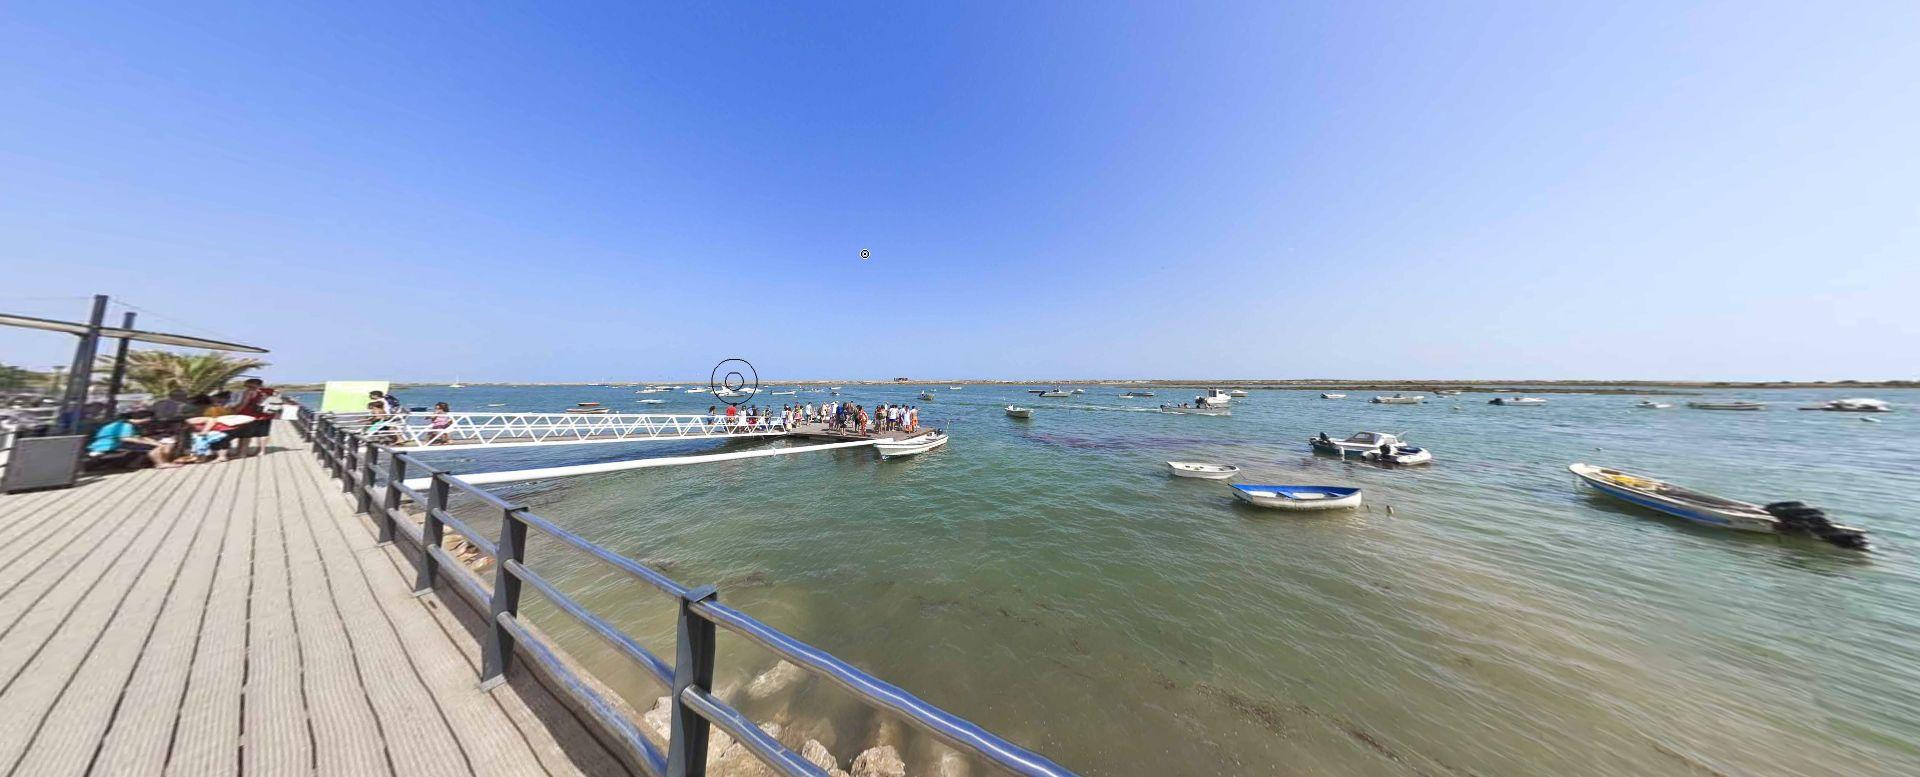 cais de embarque para praia cabanas de tavira